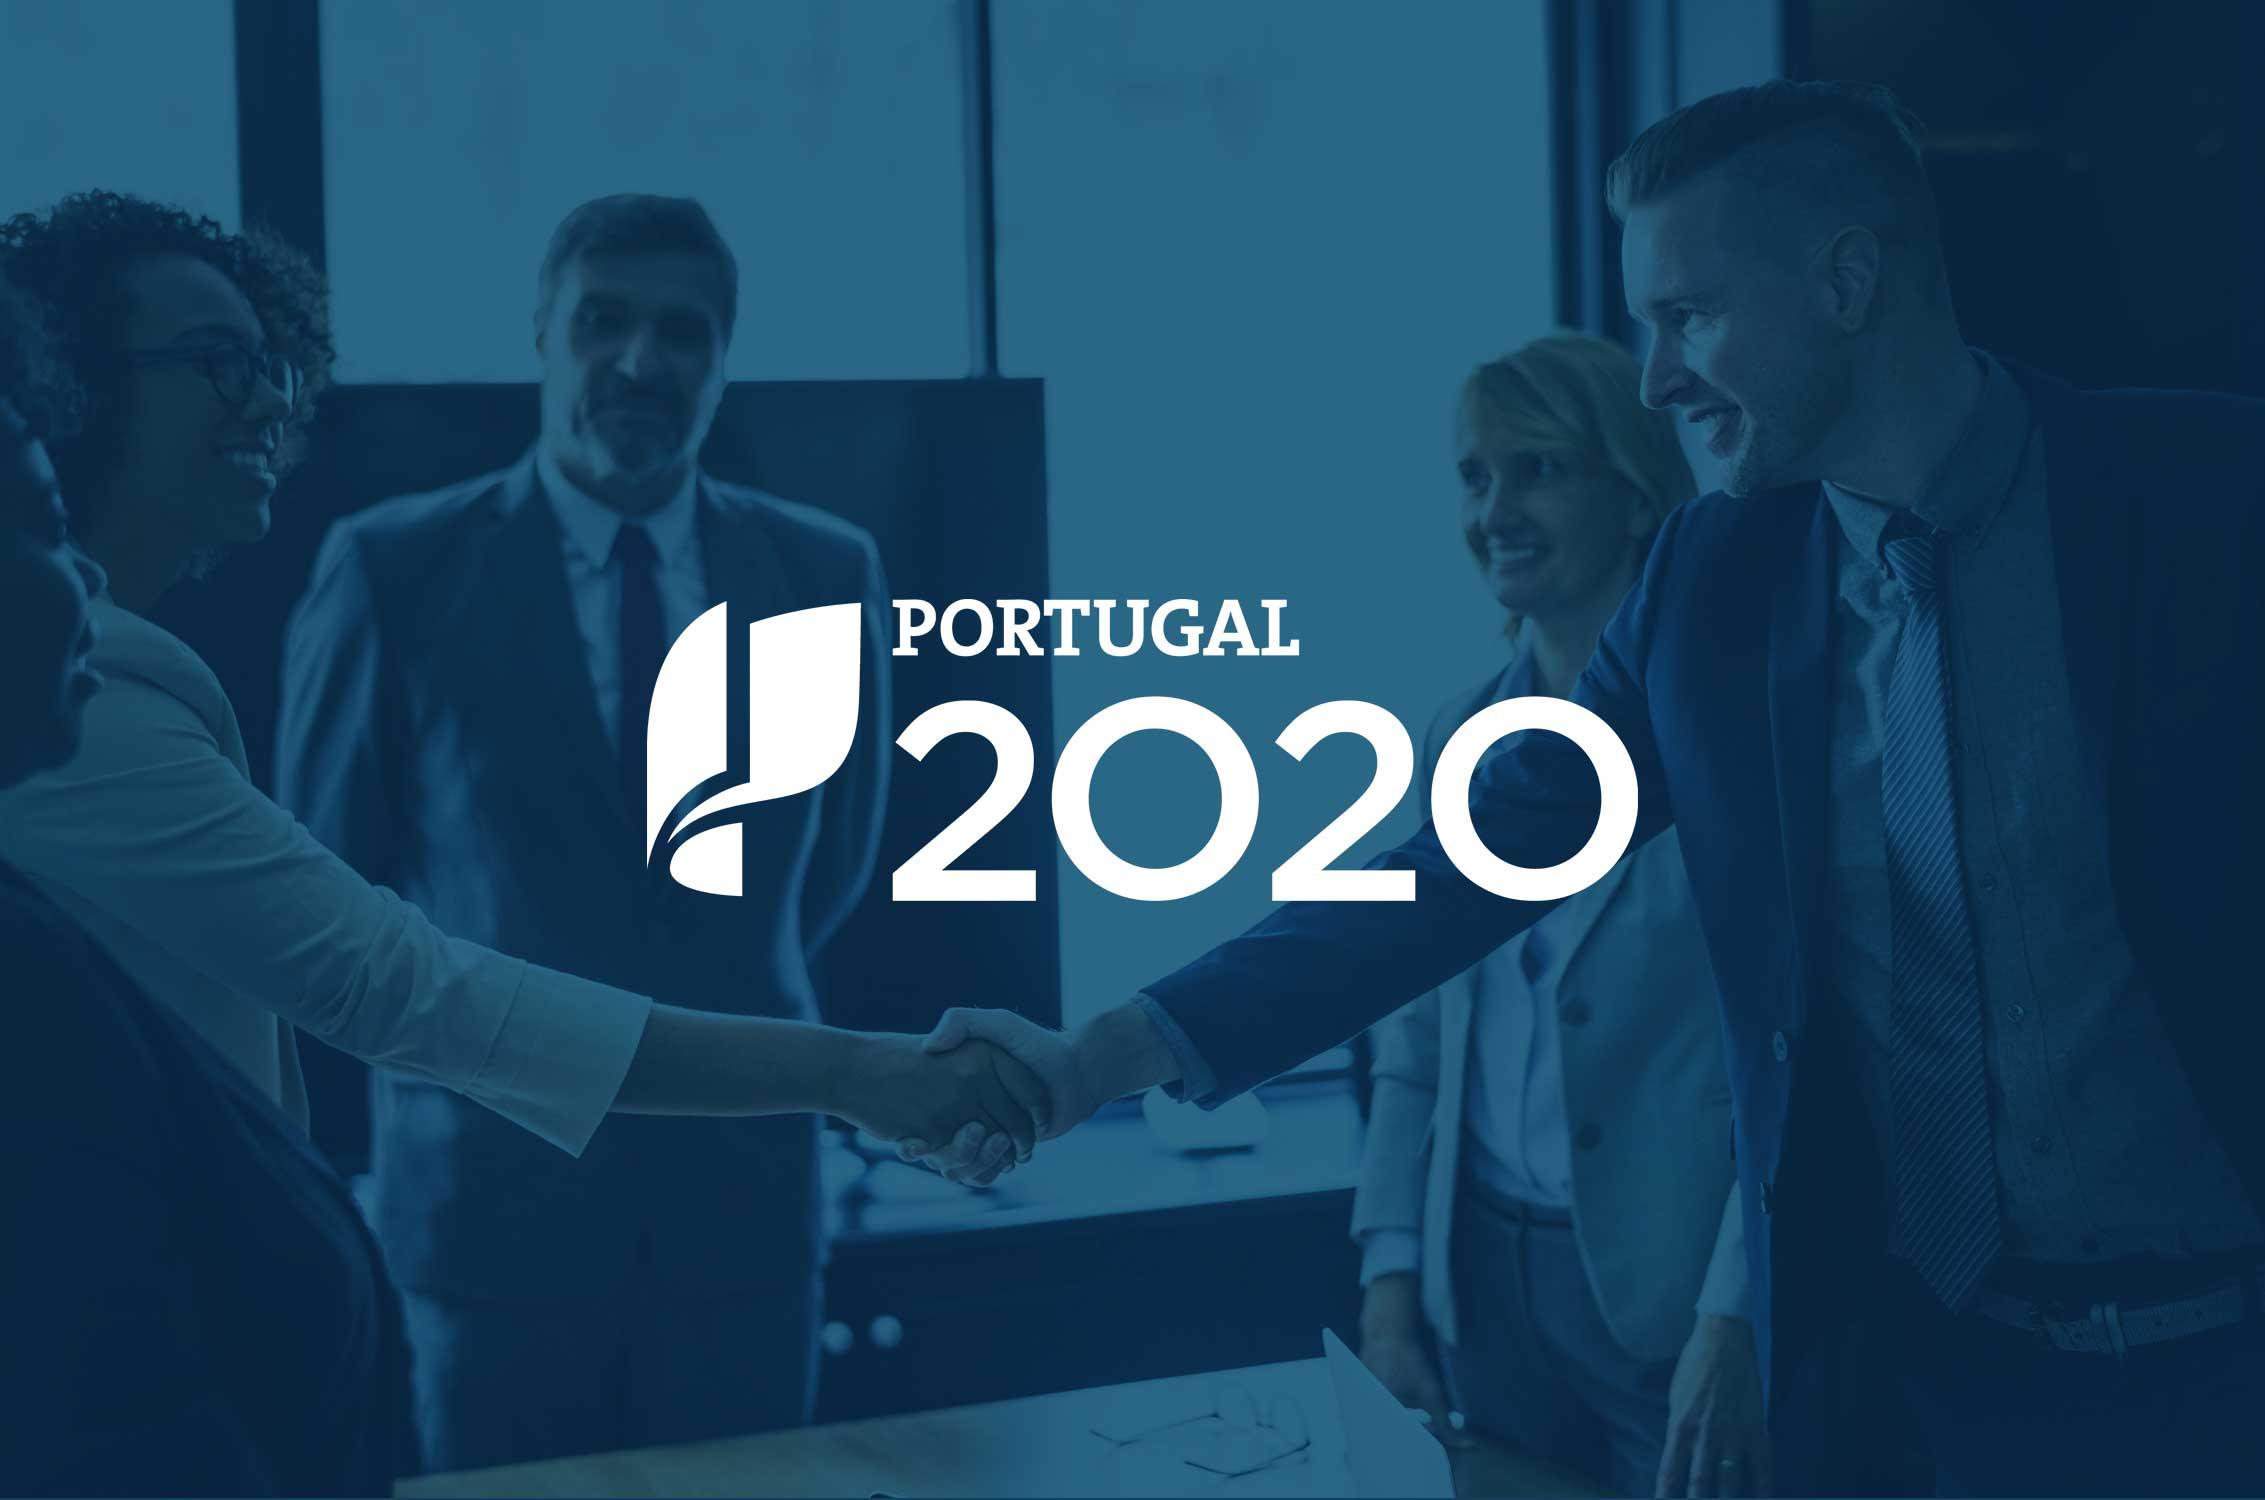 Imagem de destaque do Artigo Abertura Novo Período Candidaturas Portugal 2020